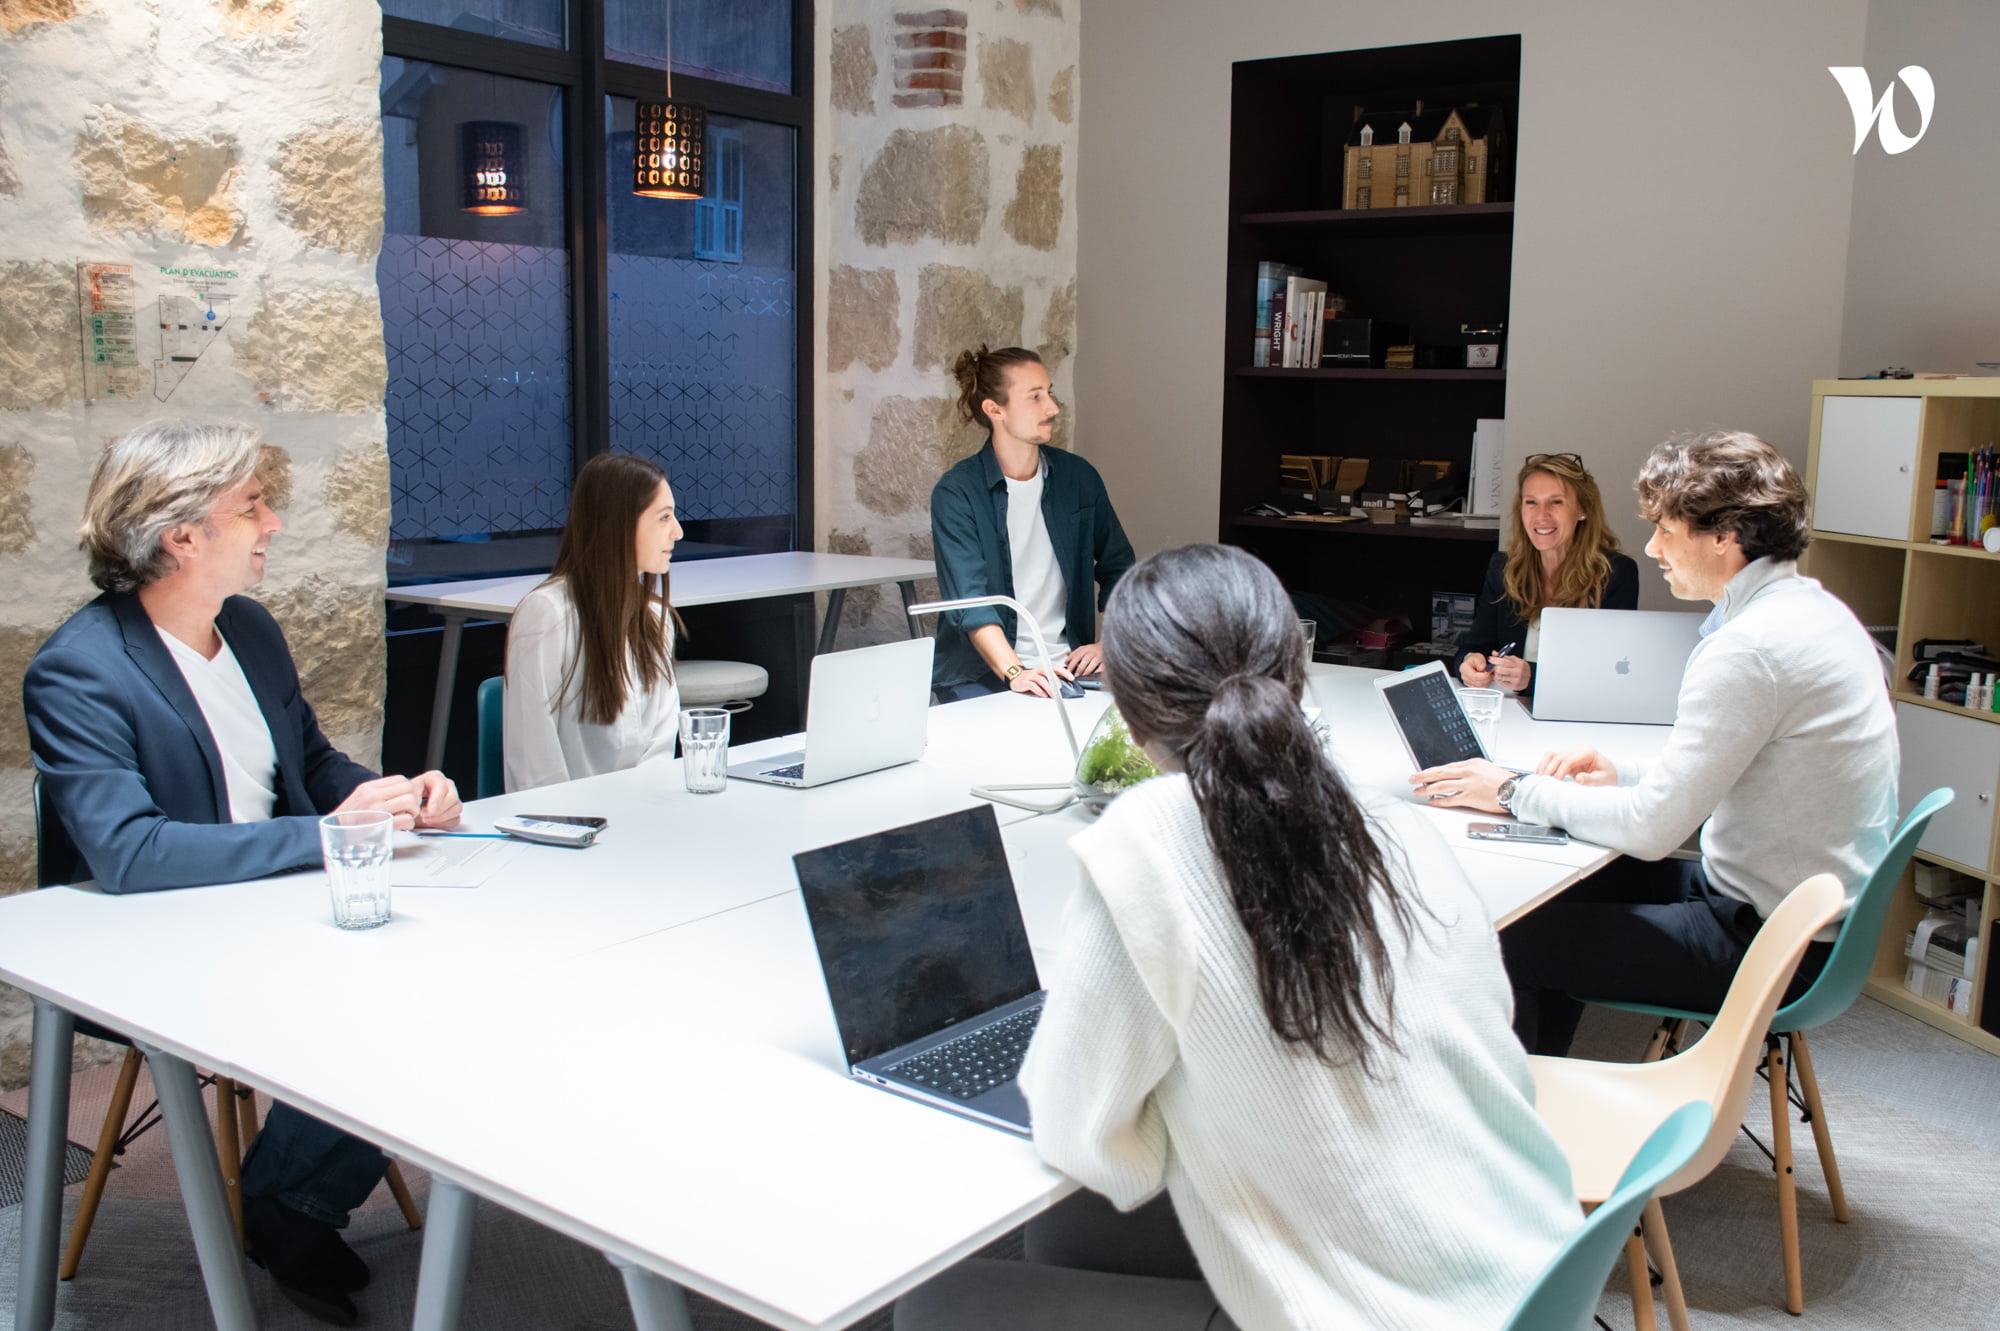 L'équipe Elégance au m2 se tient à votre disposition pour vos projets d'architecture d'intérieur ou commerciale.